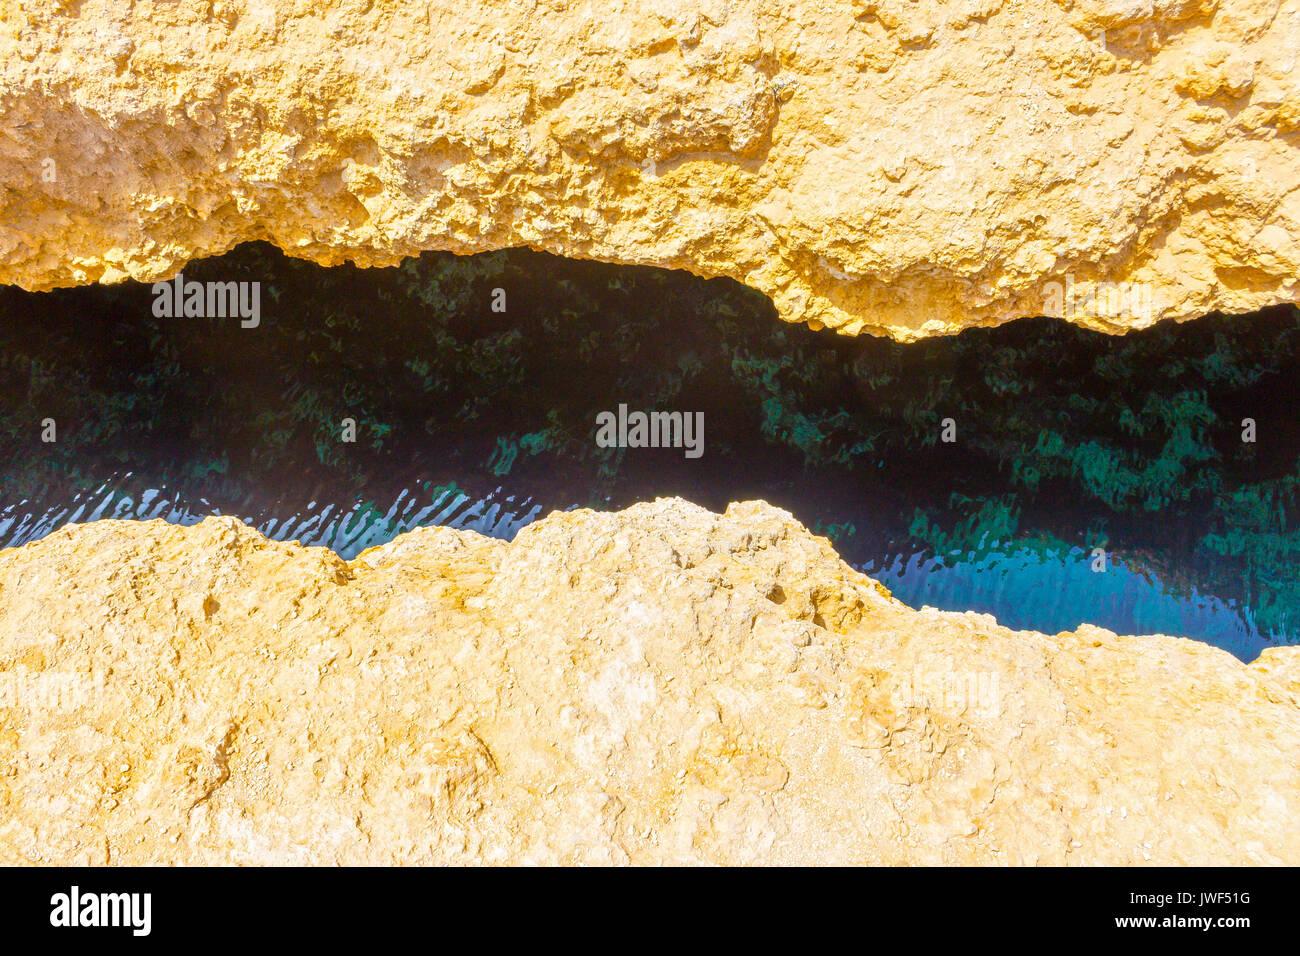 Crack in Ras Mohammed - Stock Image